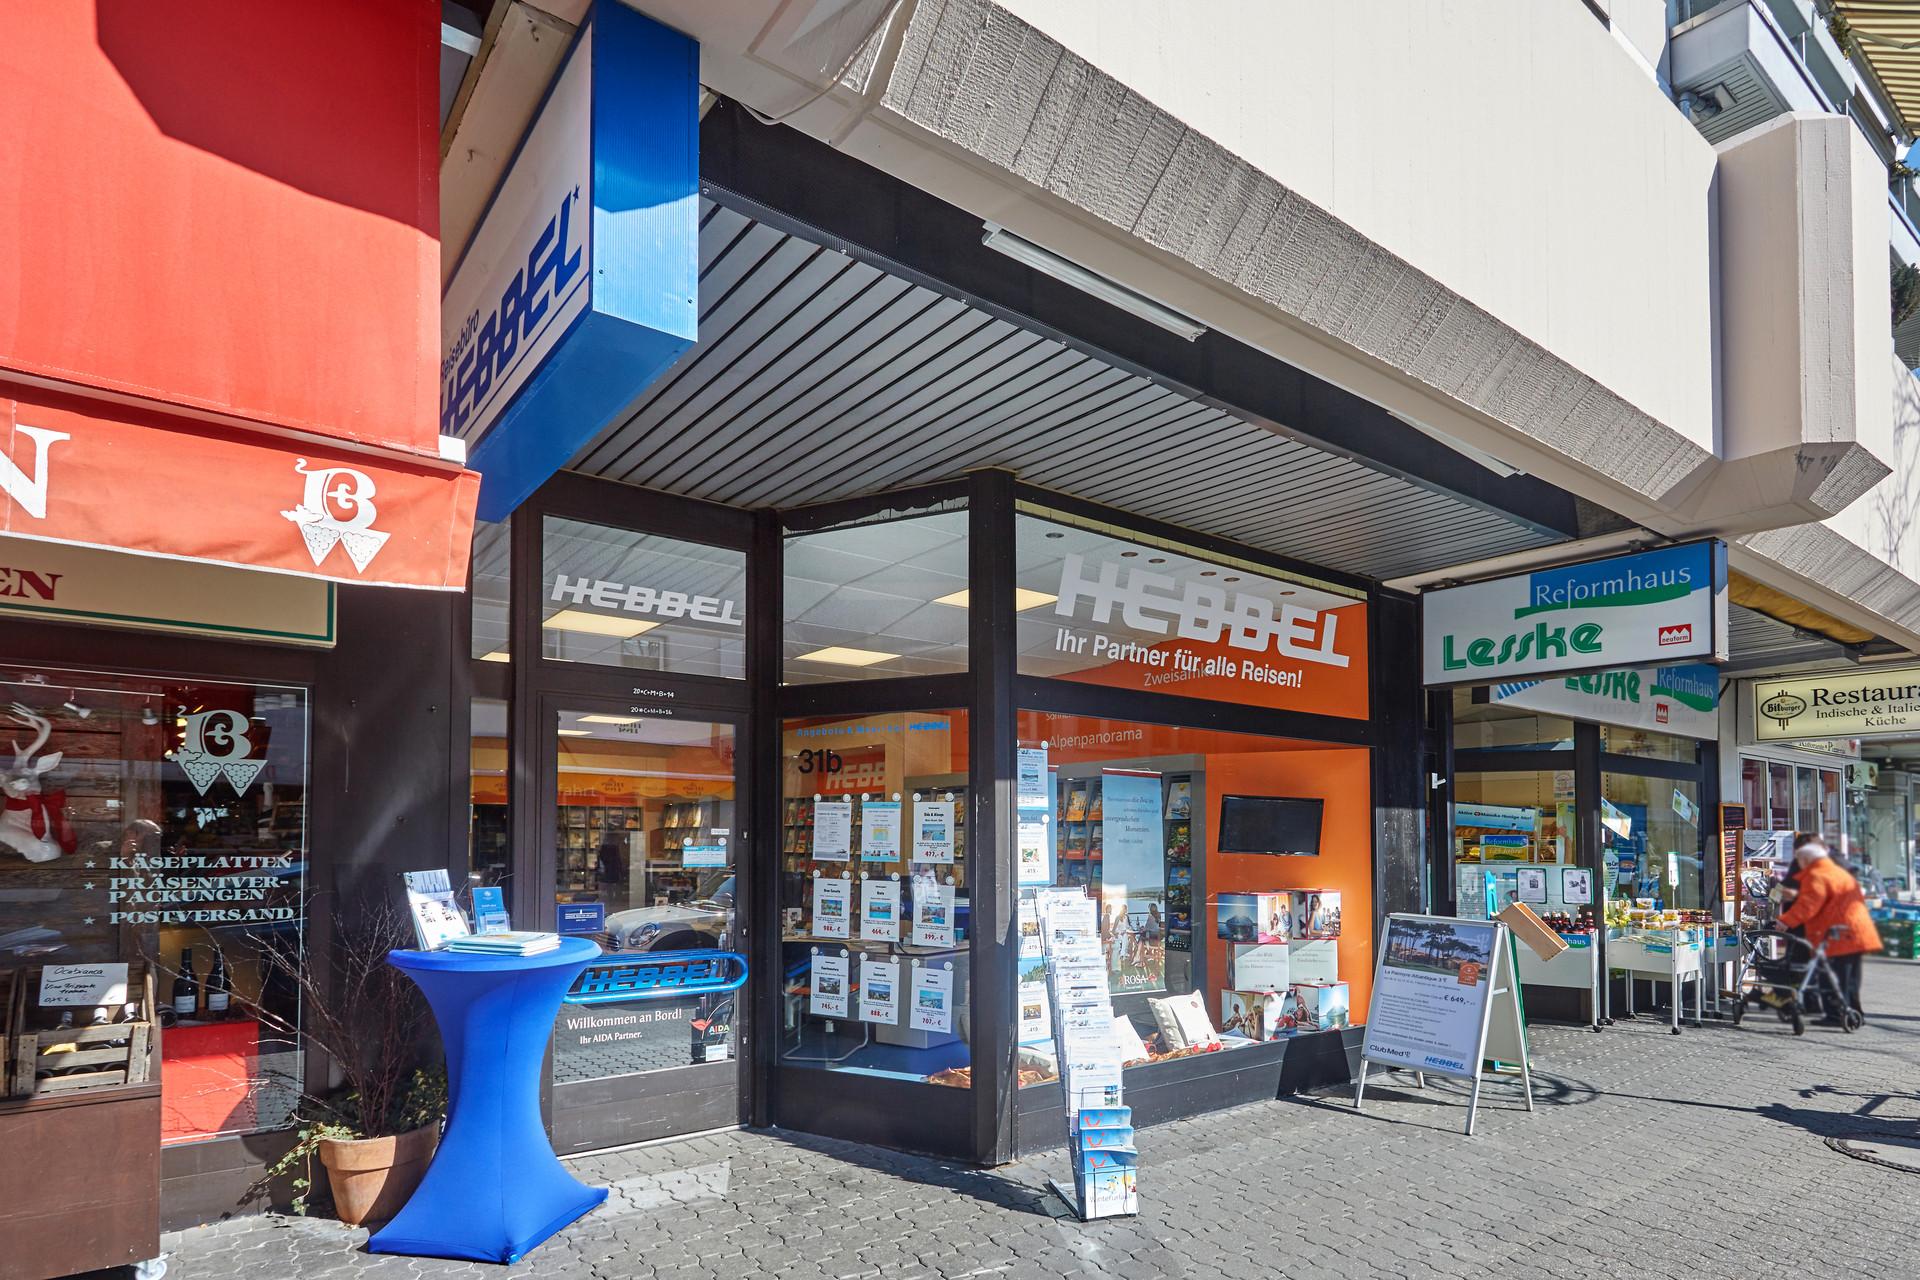 Reisebüro Hebbel Bensberg